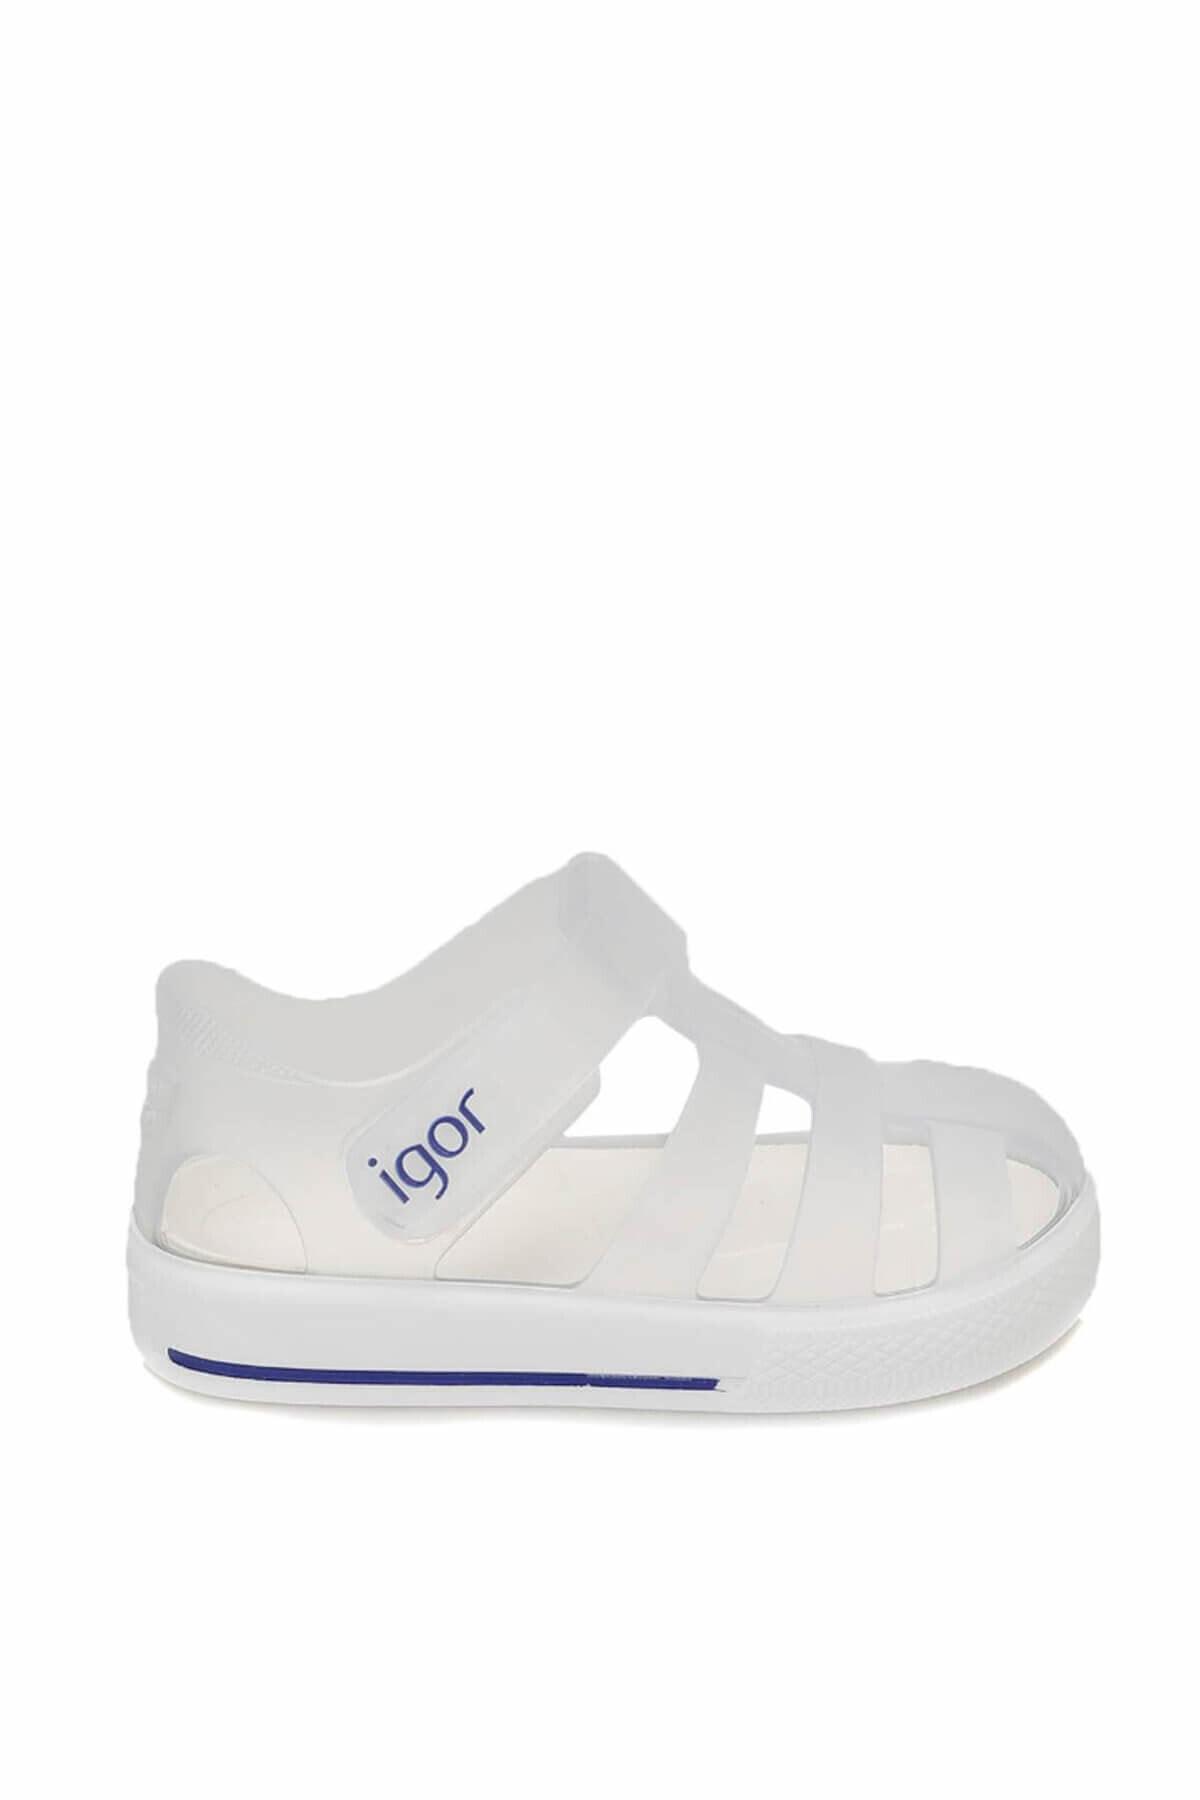 IGOR Beyaz Unisex Çocuk Sandalet 000000000100346399 1